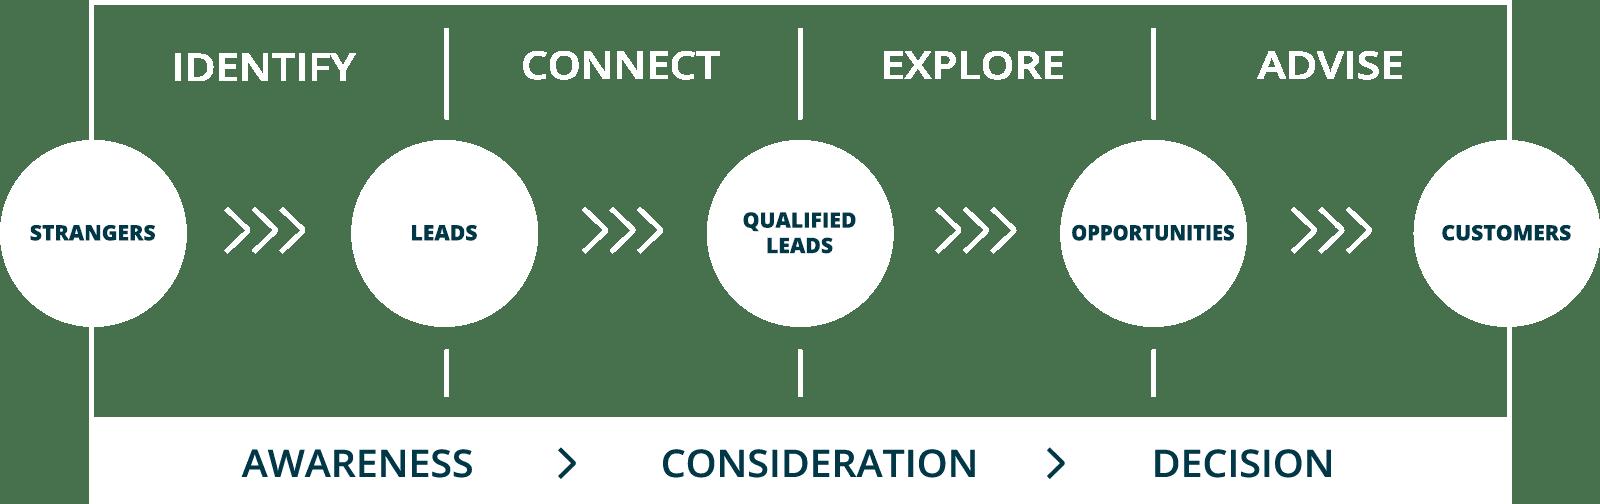 Inbound Sales Strategy graphic